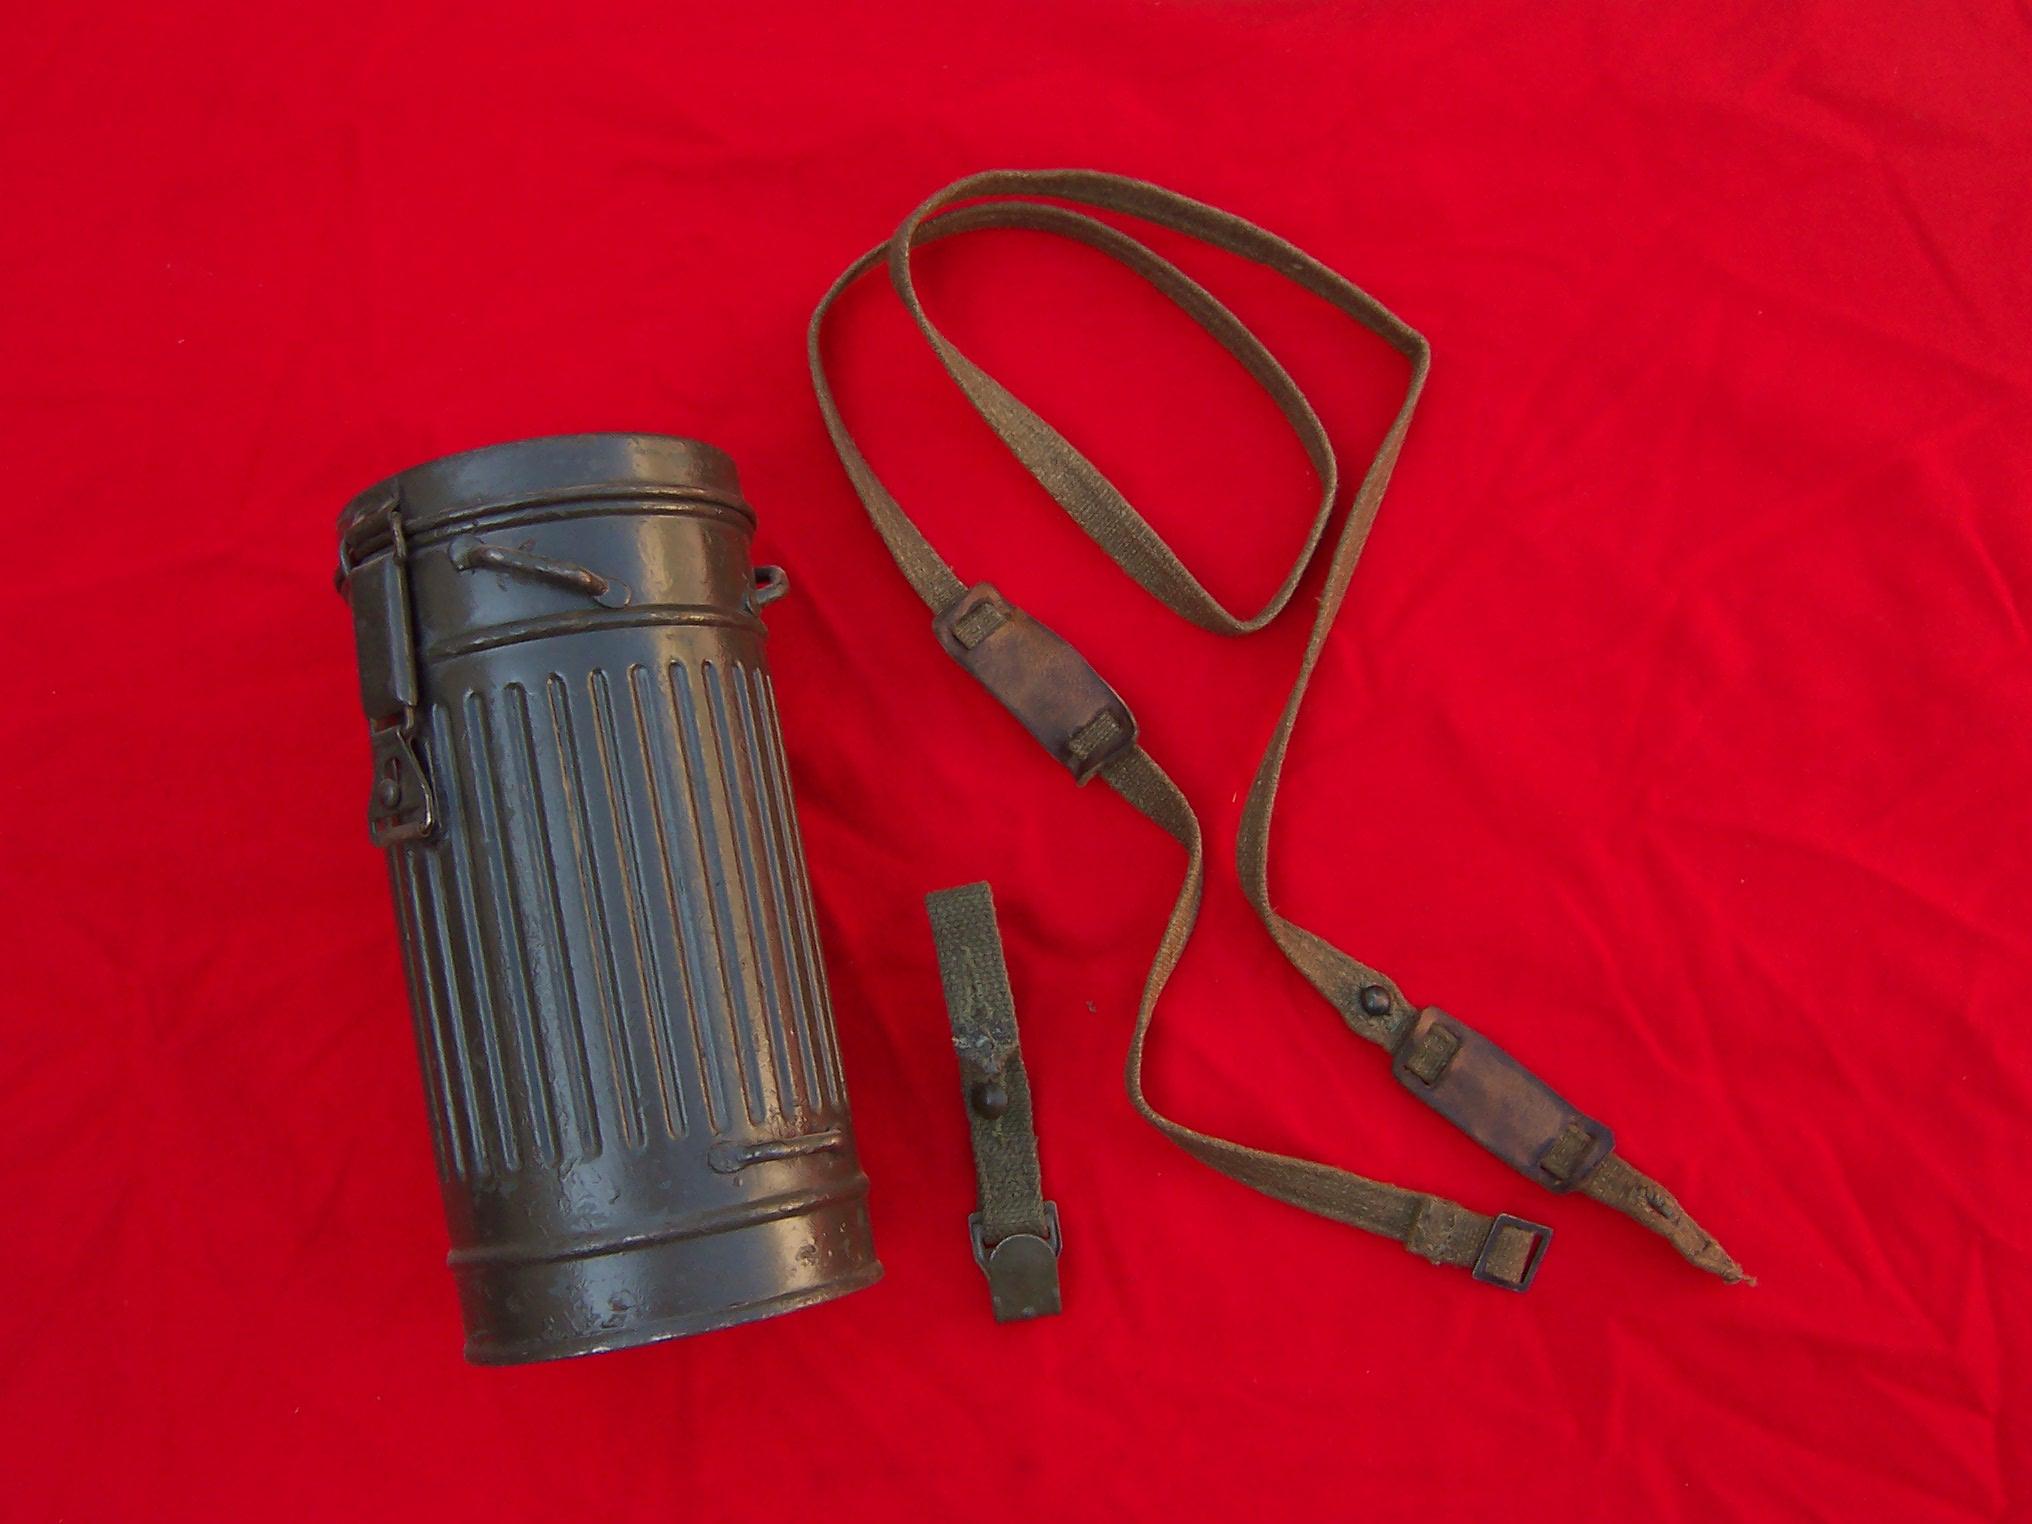 Tracolla tubo porta maschera anti gas tedesco crapanzano - Porta in tedesco ...